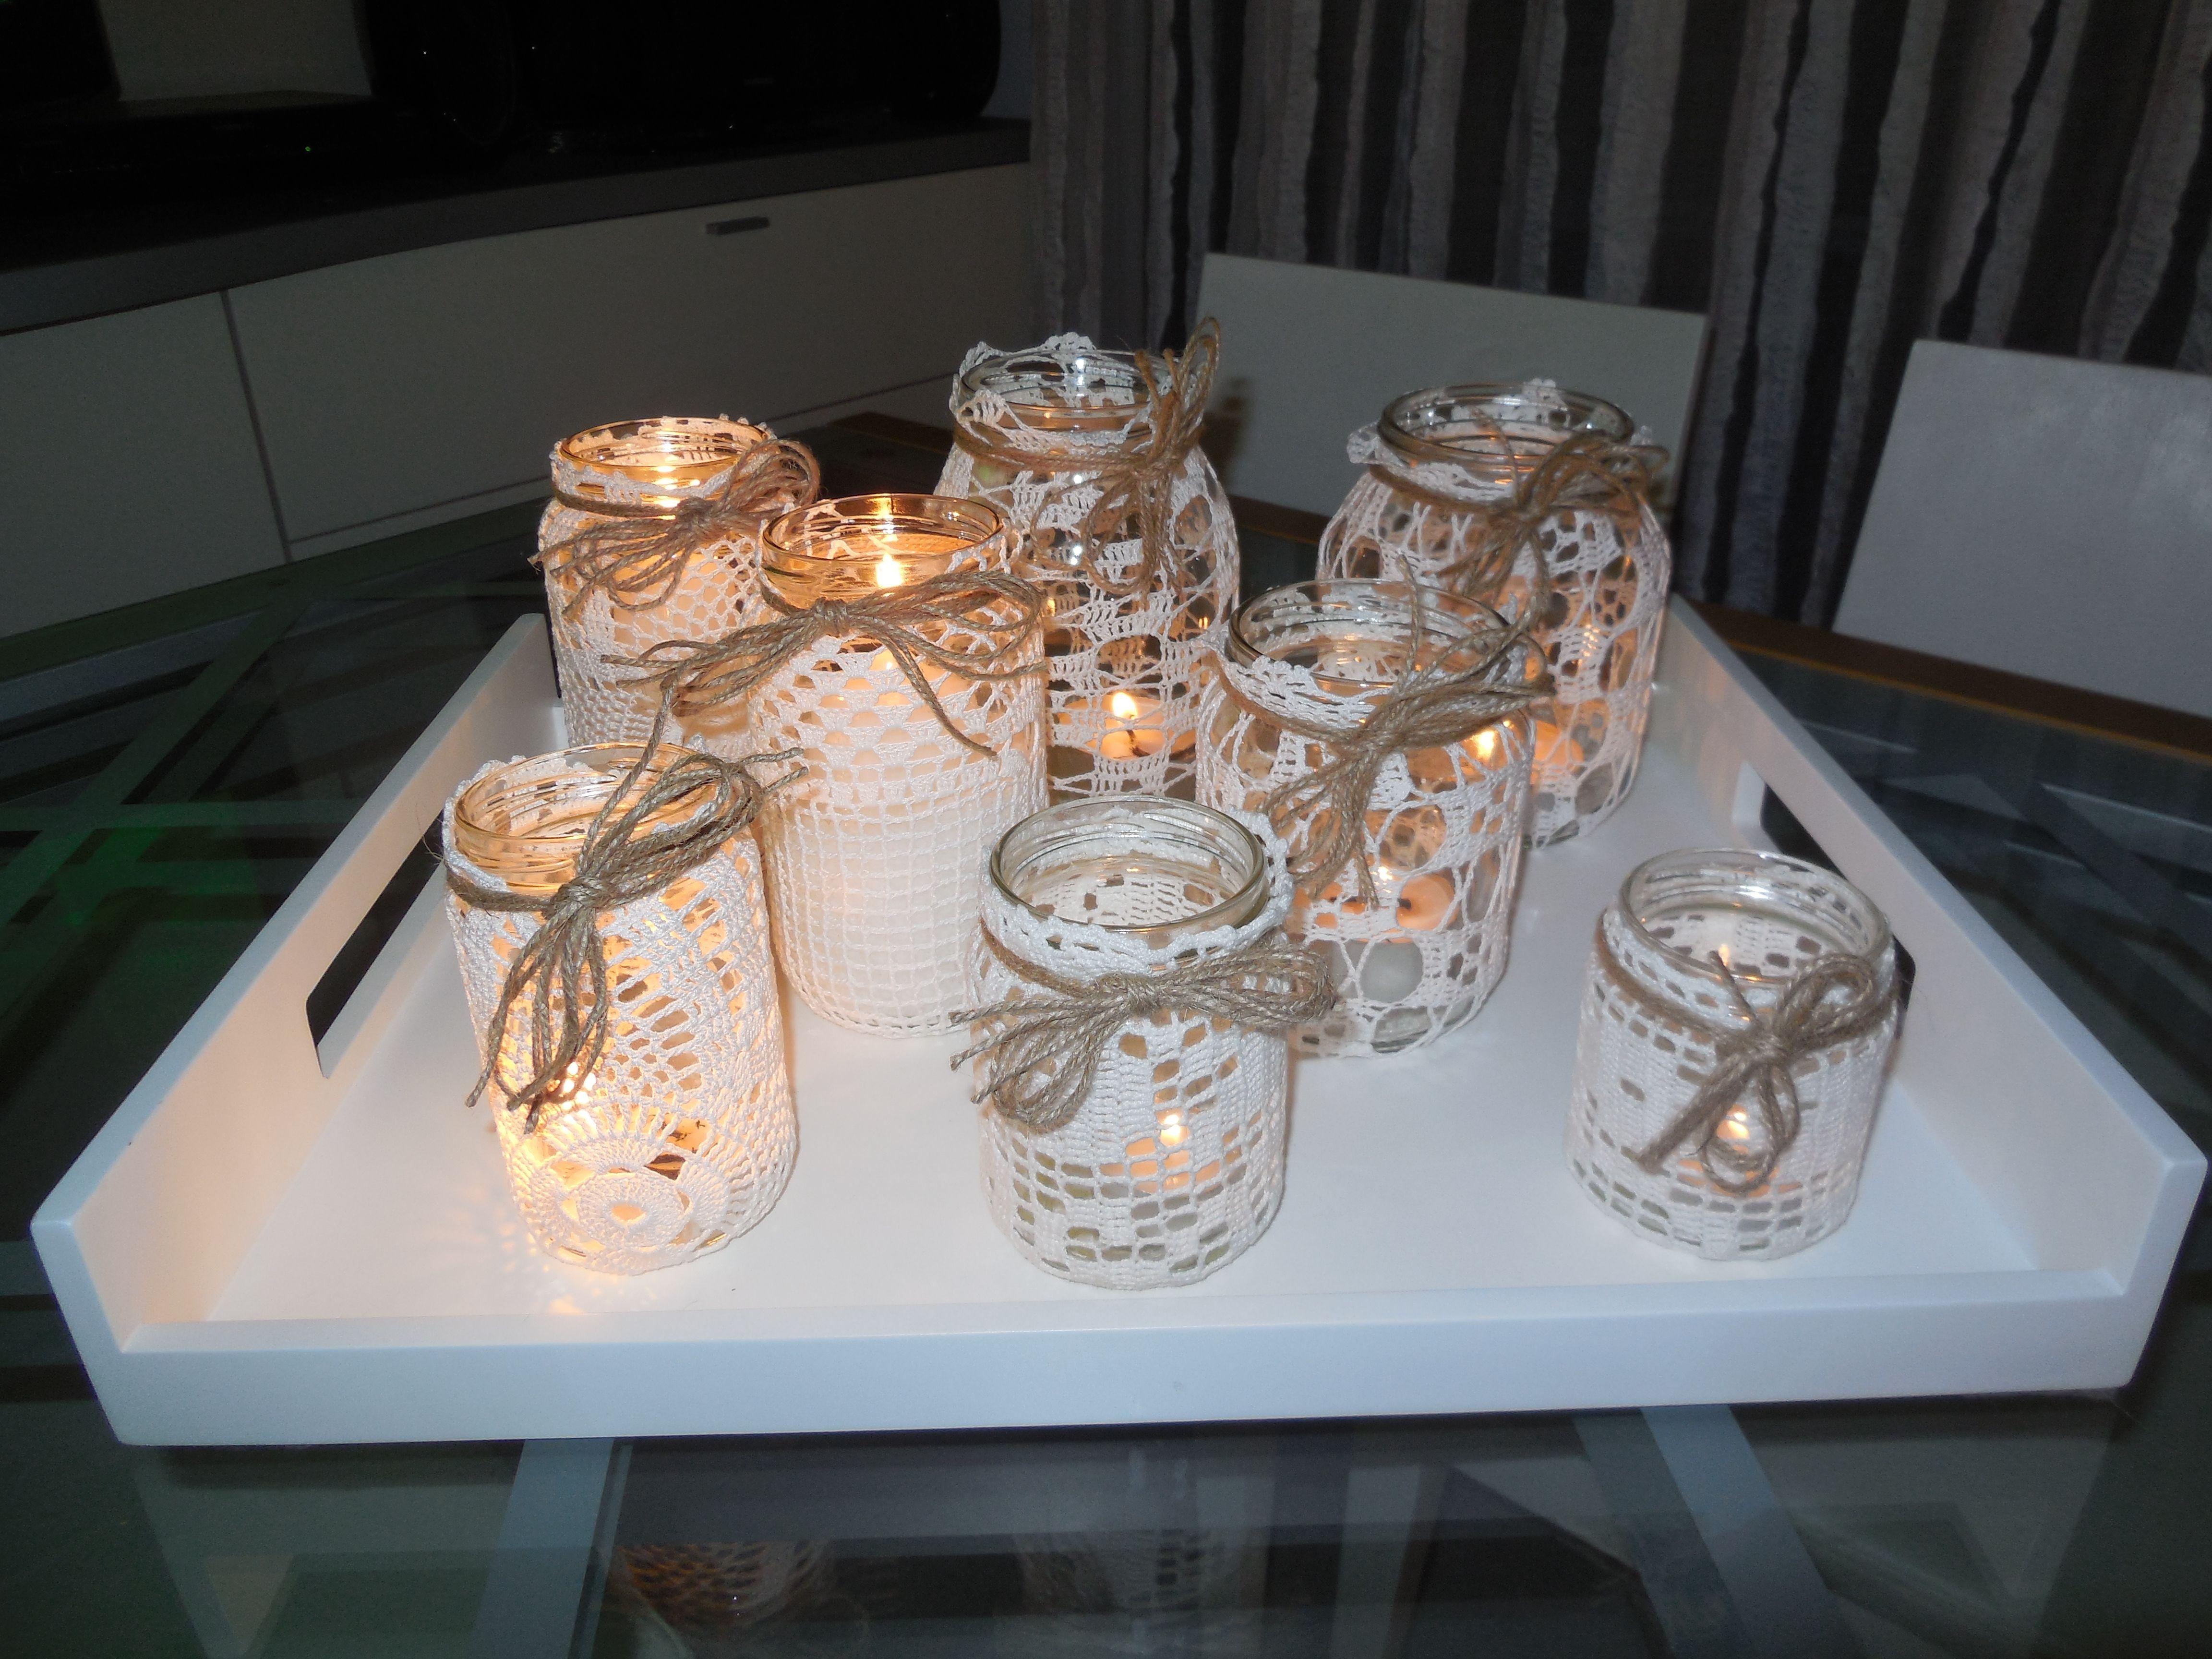 Portacandele fatti con barattoli di vetro vari marmellata - Vasetti di vetro decorati ...